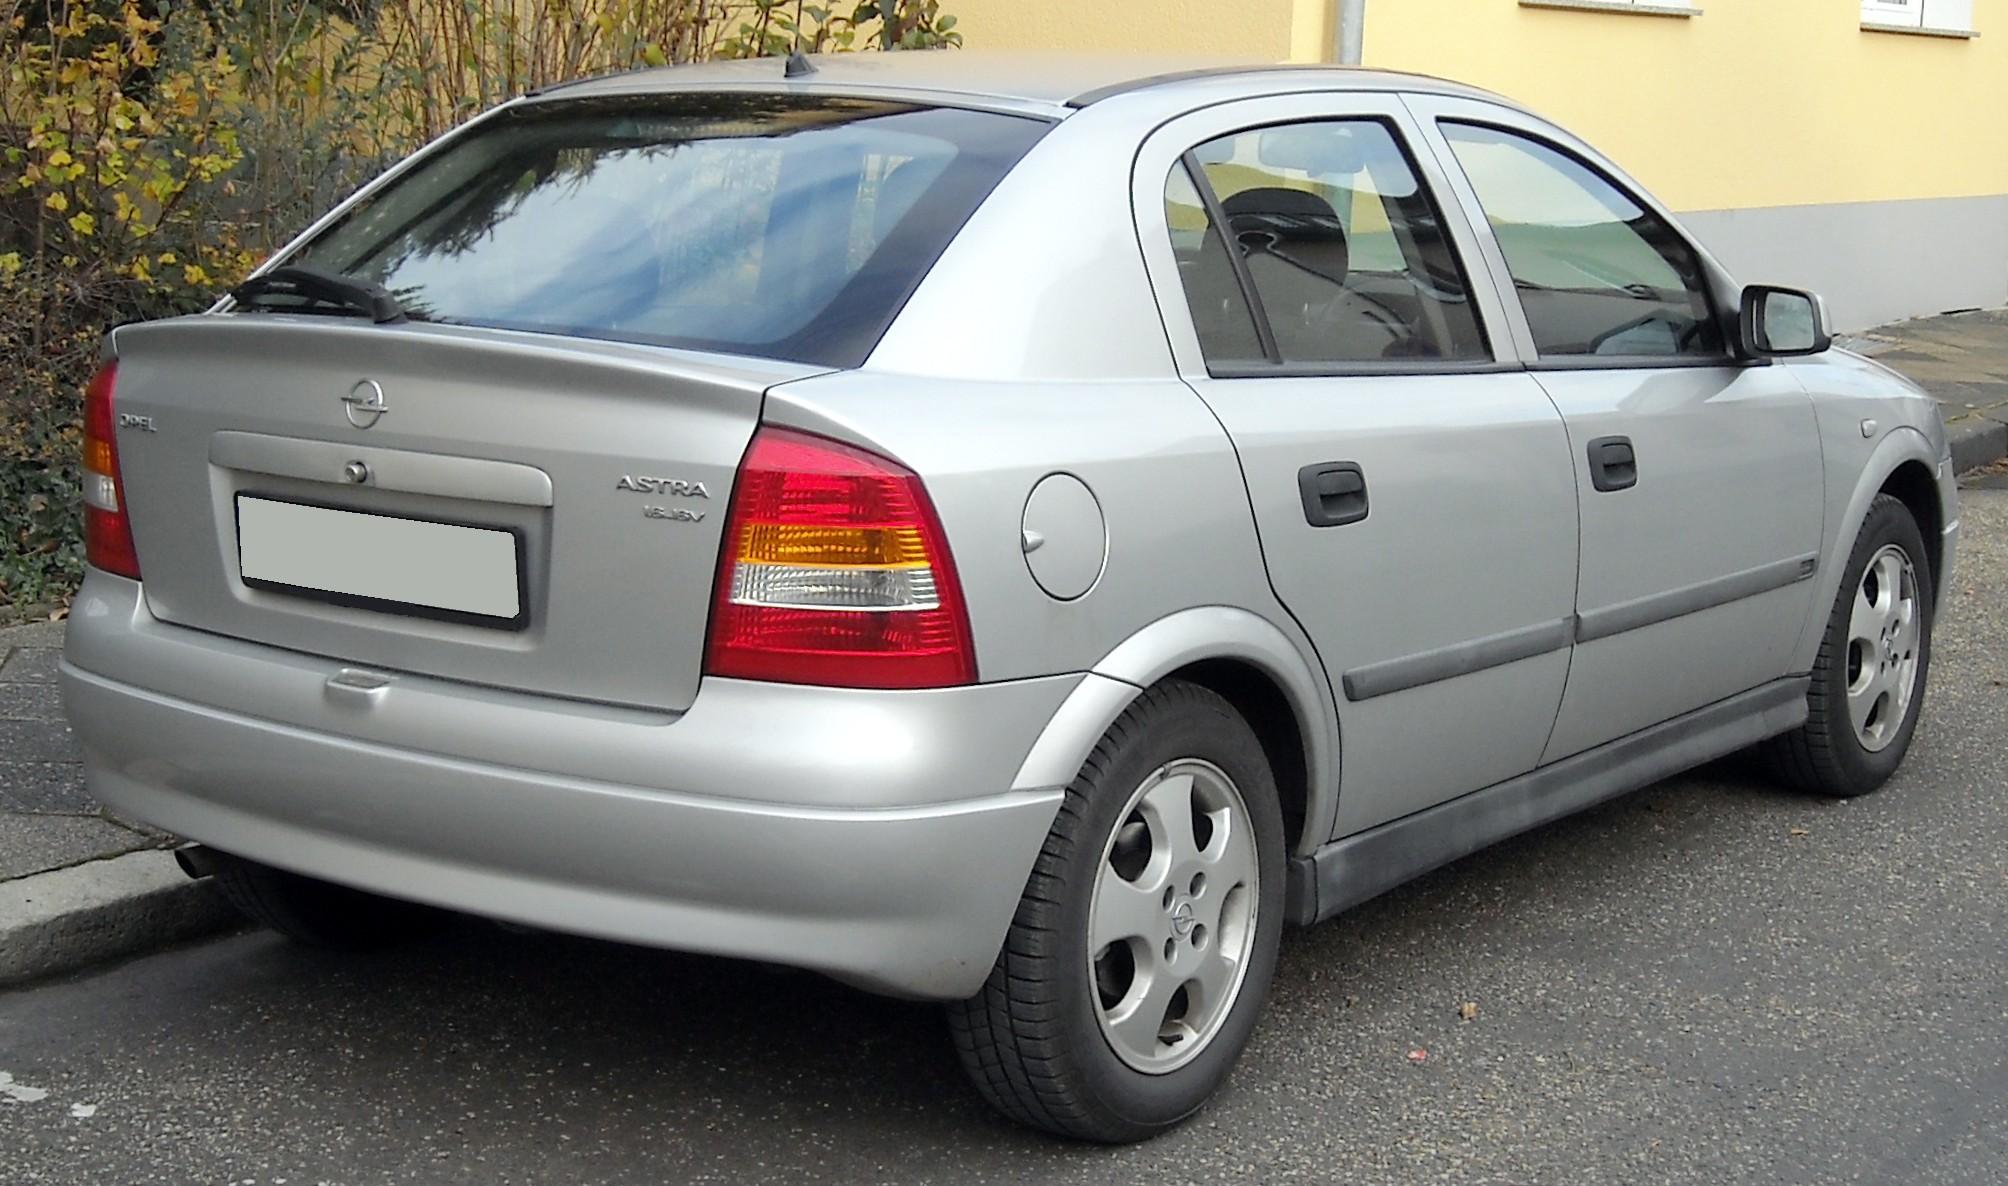 File:Opel Astra G rear 20081128.jpg - Wikipedia